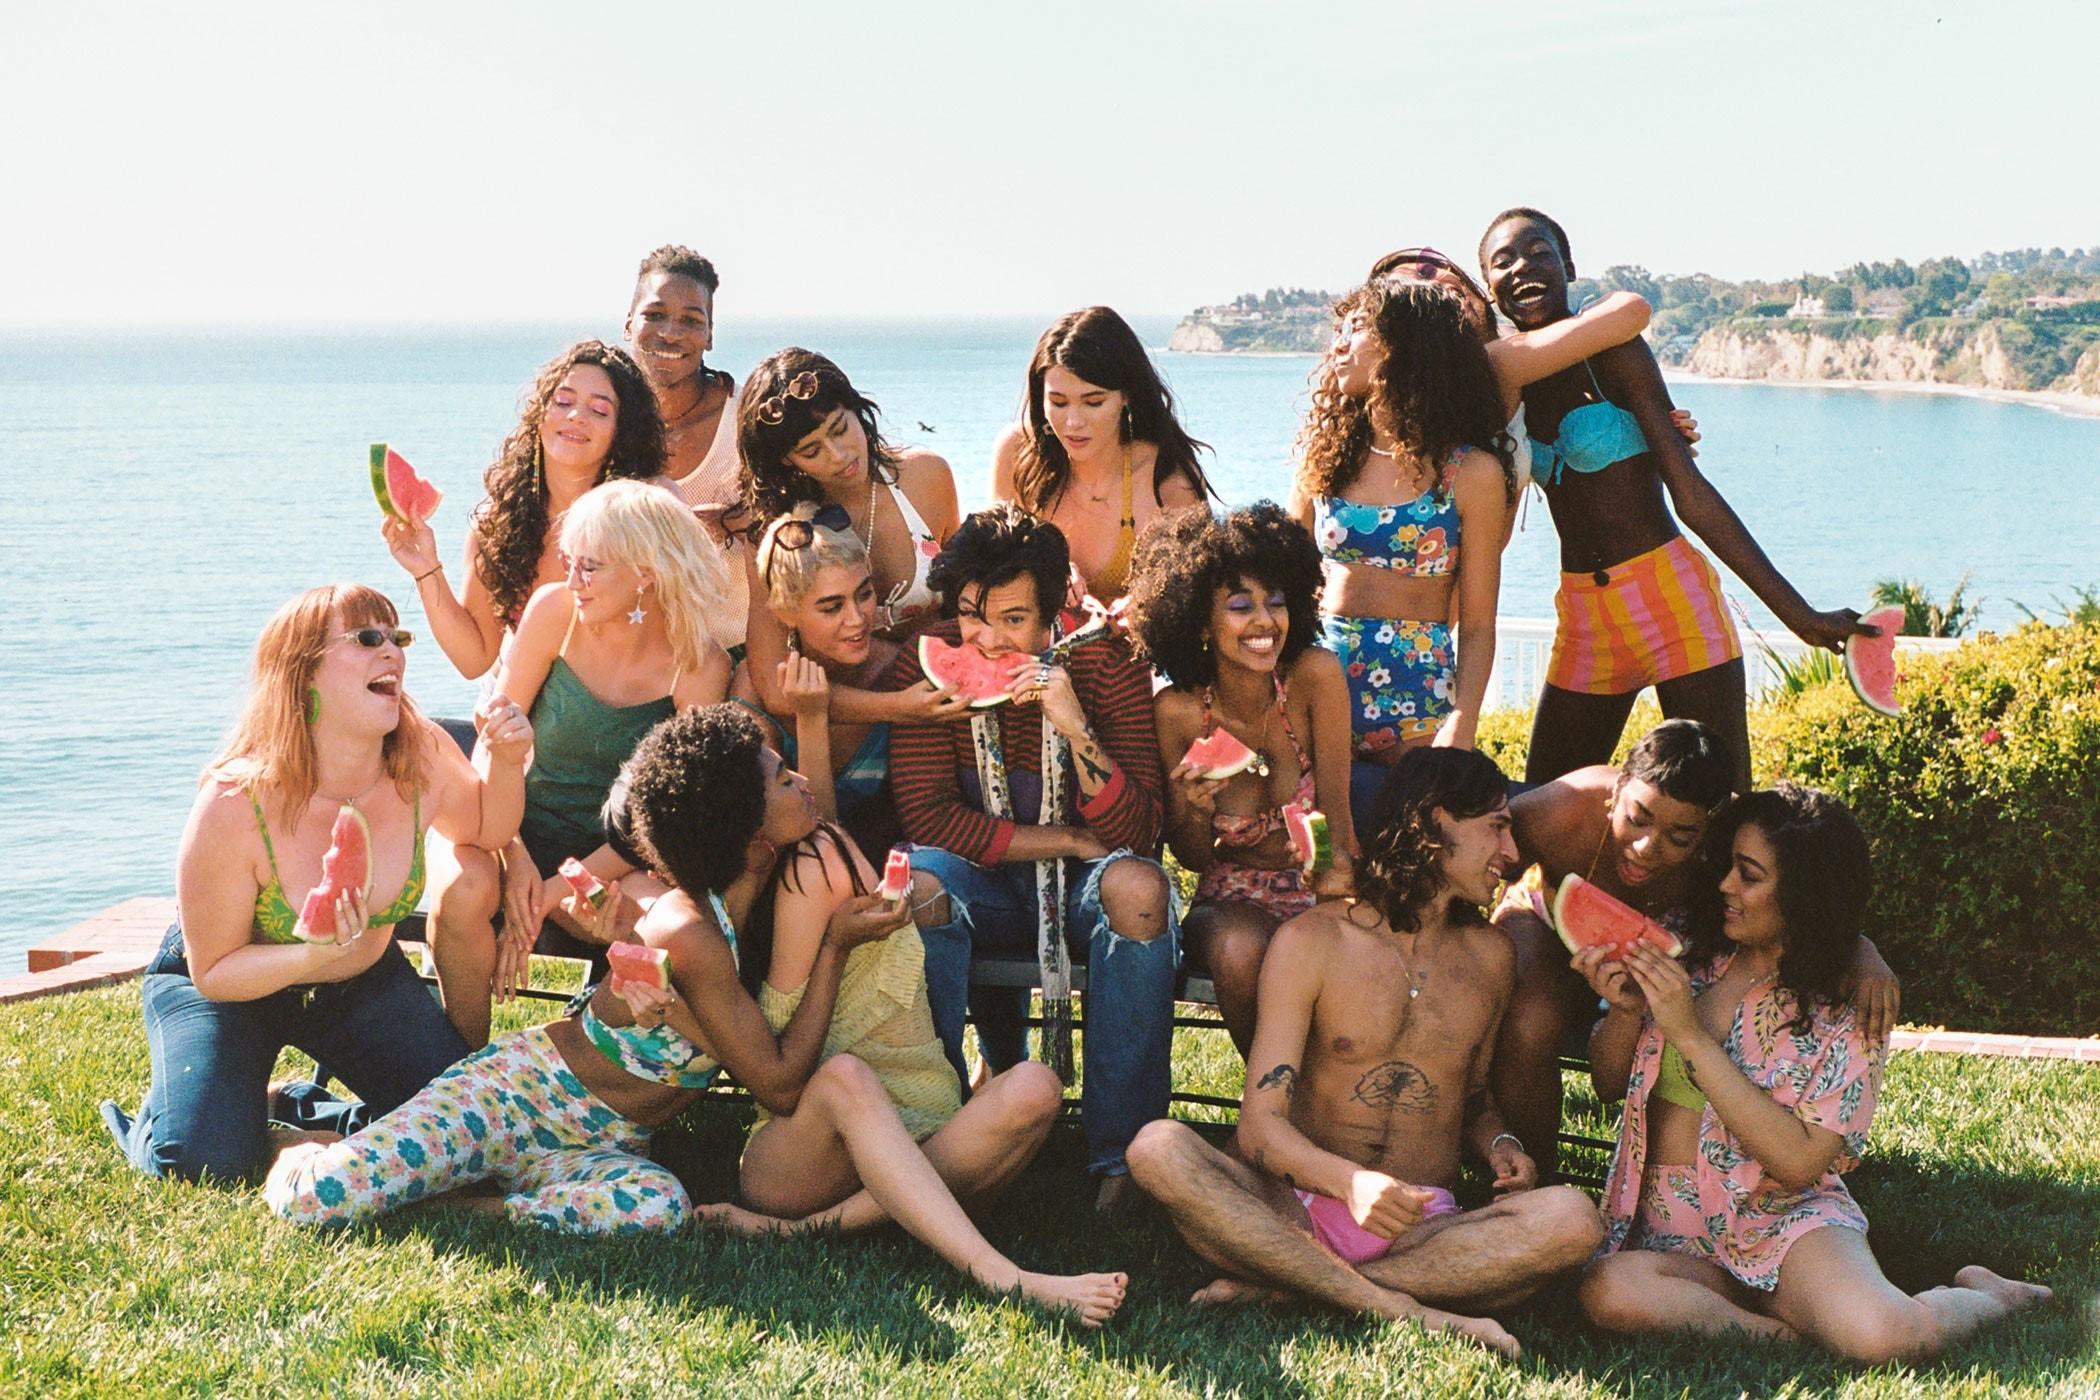 Новое видео Гарри Стайлса - это потрясающая летняя любовная фантазия